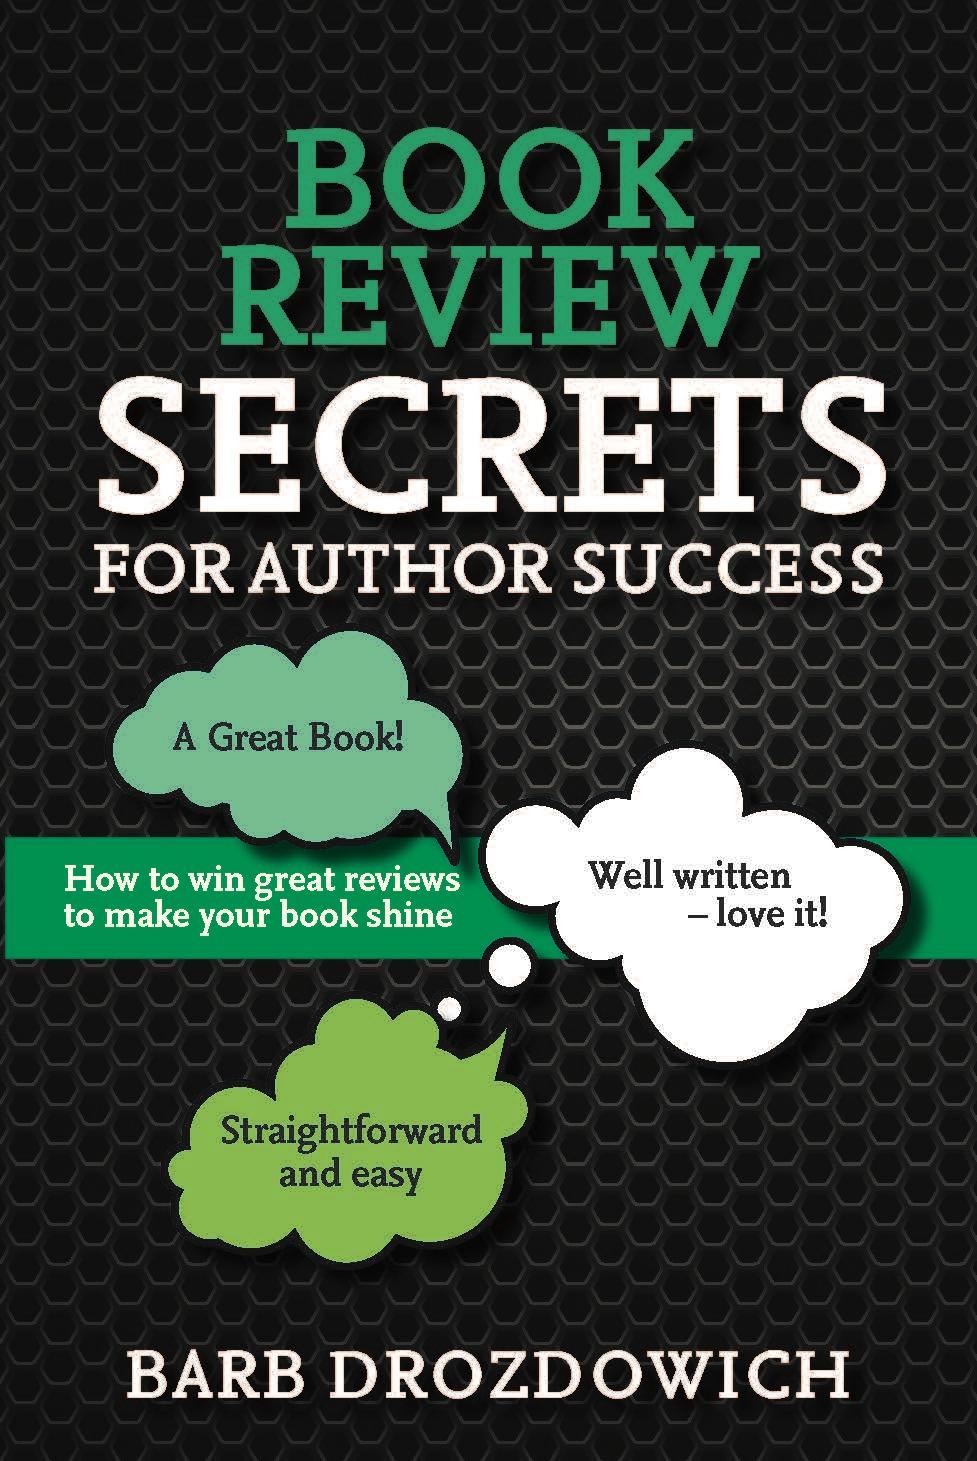 Book-Review-Secrets-for-Author-Success-Kindle